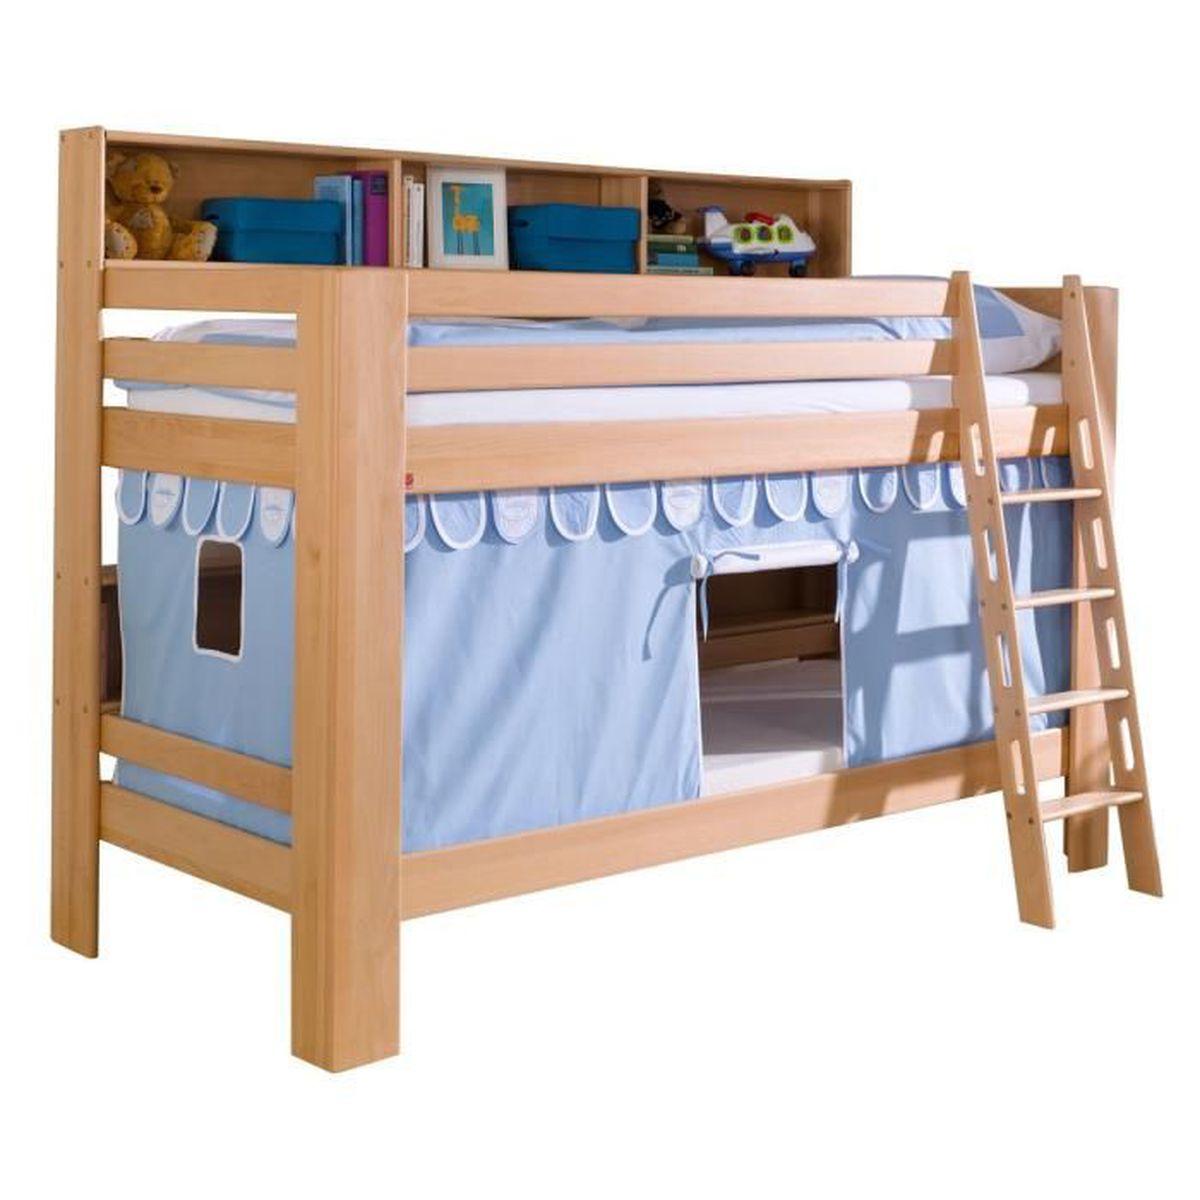 lit superpos 90x200 cm avec tag res en h tre massif et tente de jeu coloris bleu et blanc. Black Bedroom Furniture Sets. Home Design Ideas